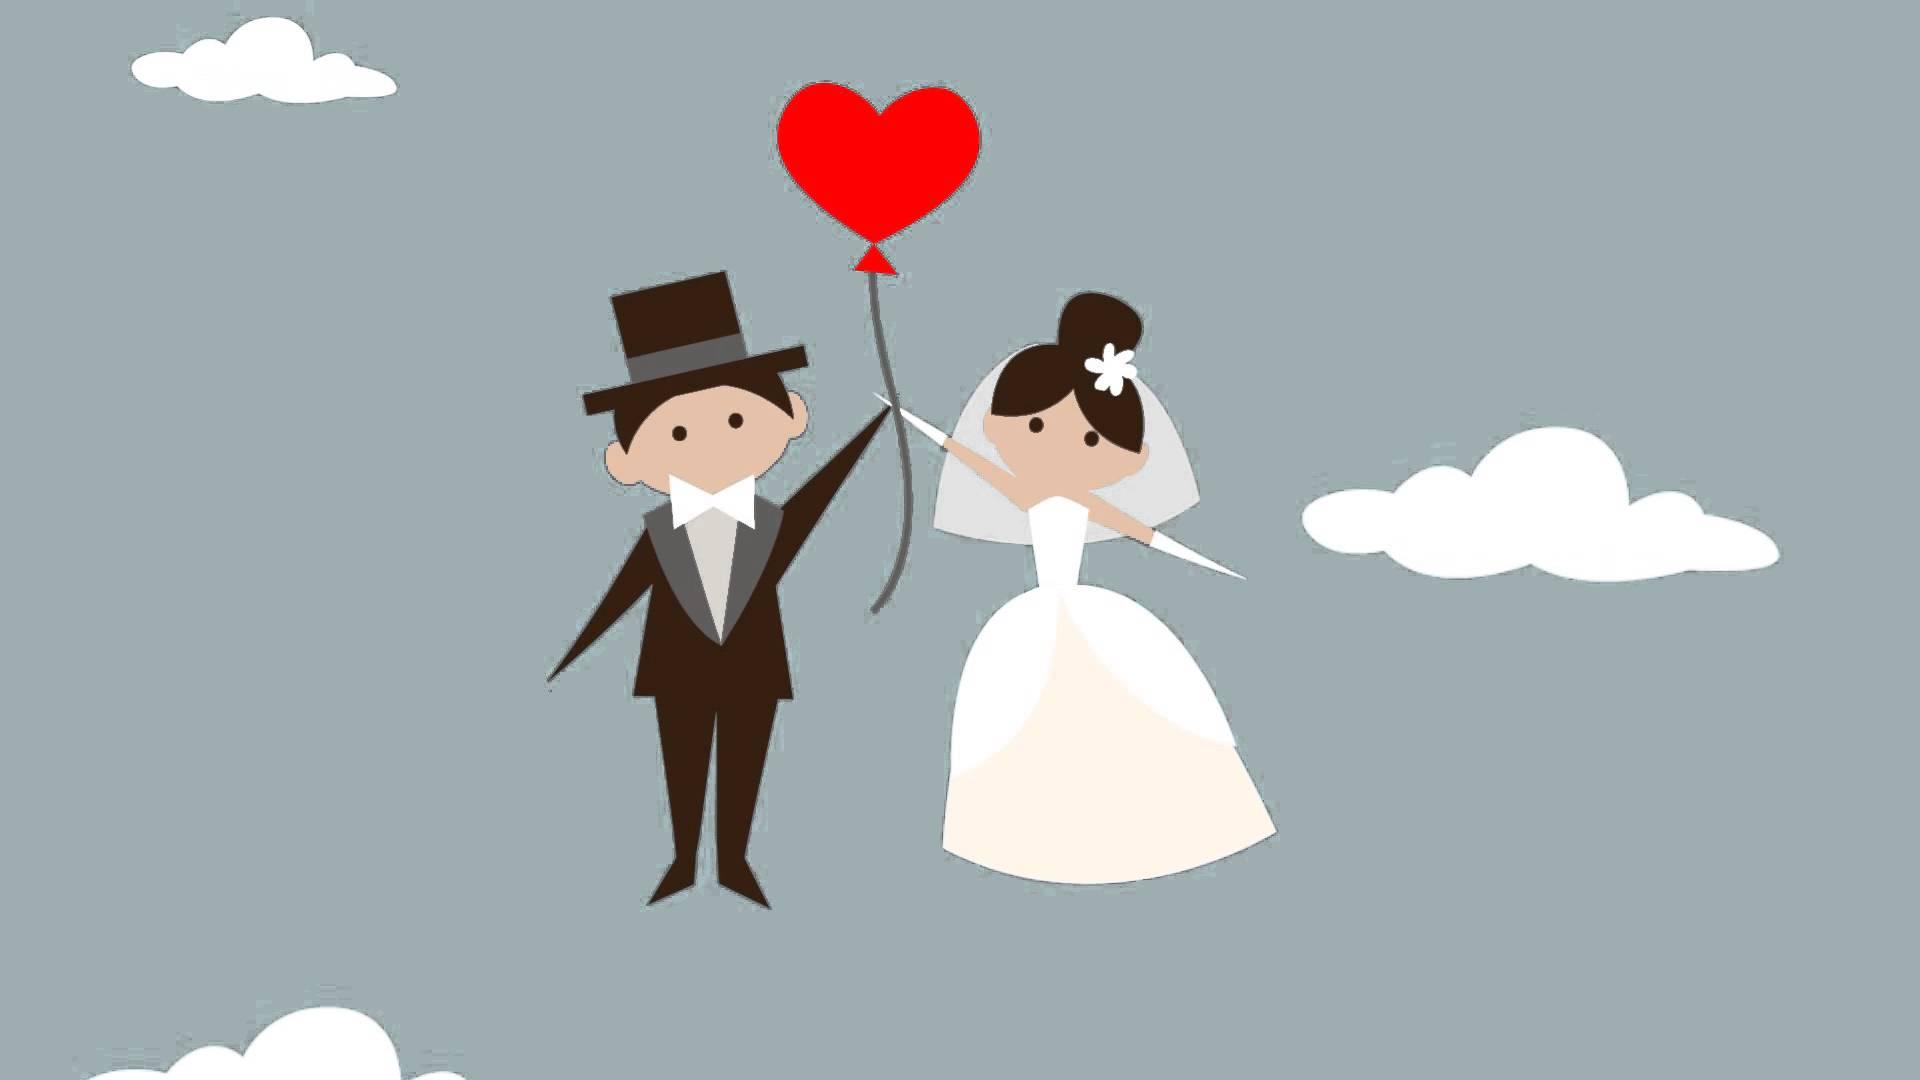 بالصور صور لعيد الزواج , الاحتفال بعيد الزواج 3682 4